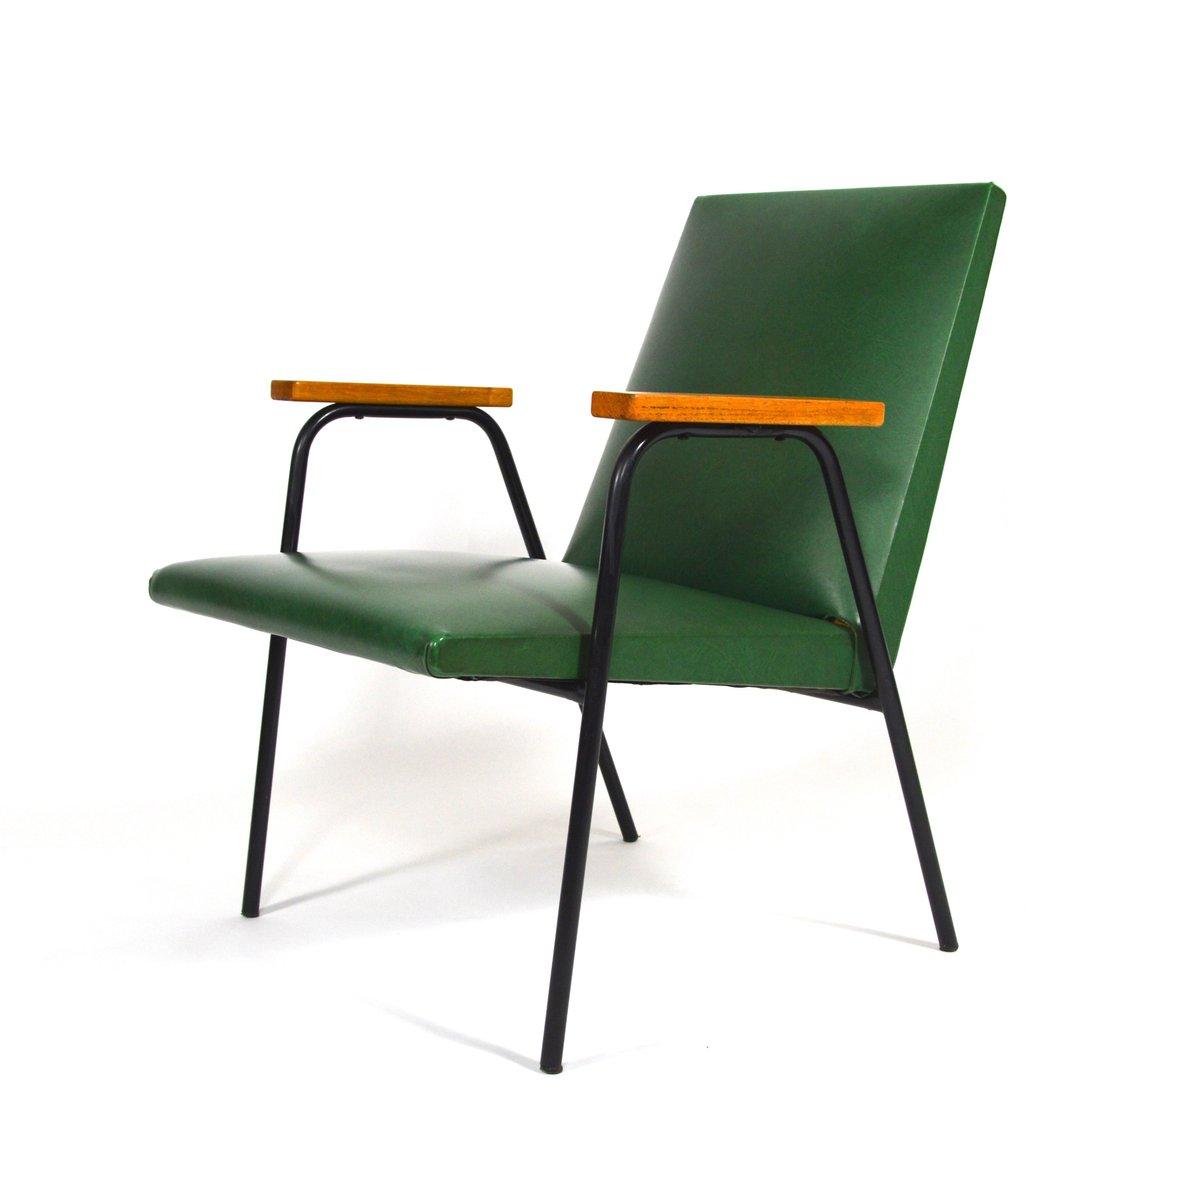 gr ner kunstleder sessel von pierre guariche 1950er bei. Black Bedroom Furniture Sets. Home Design Ideas